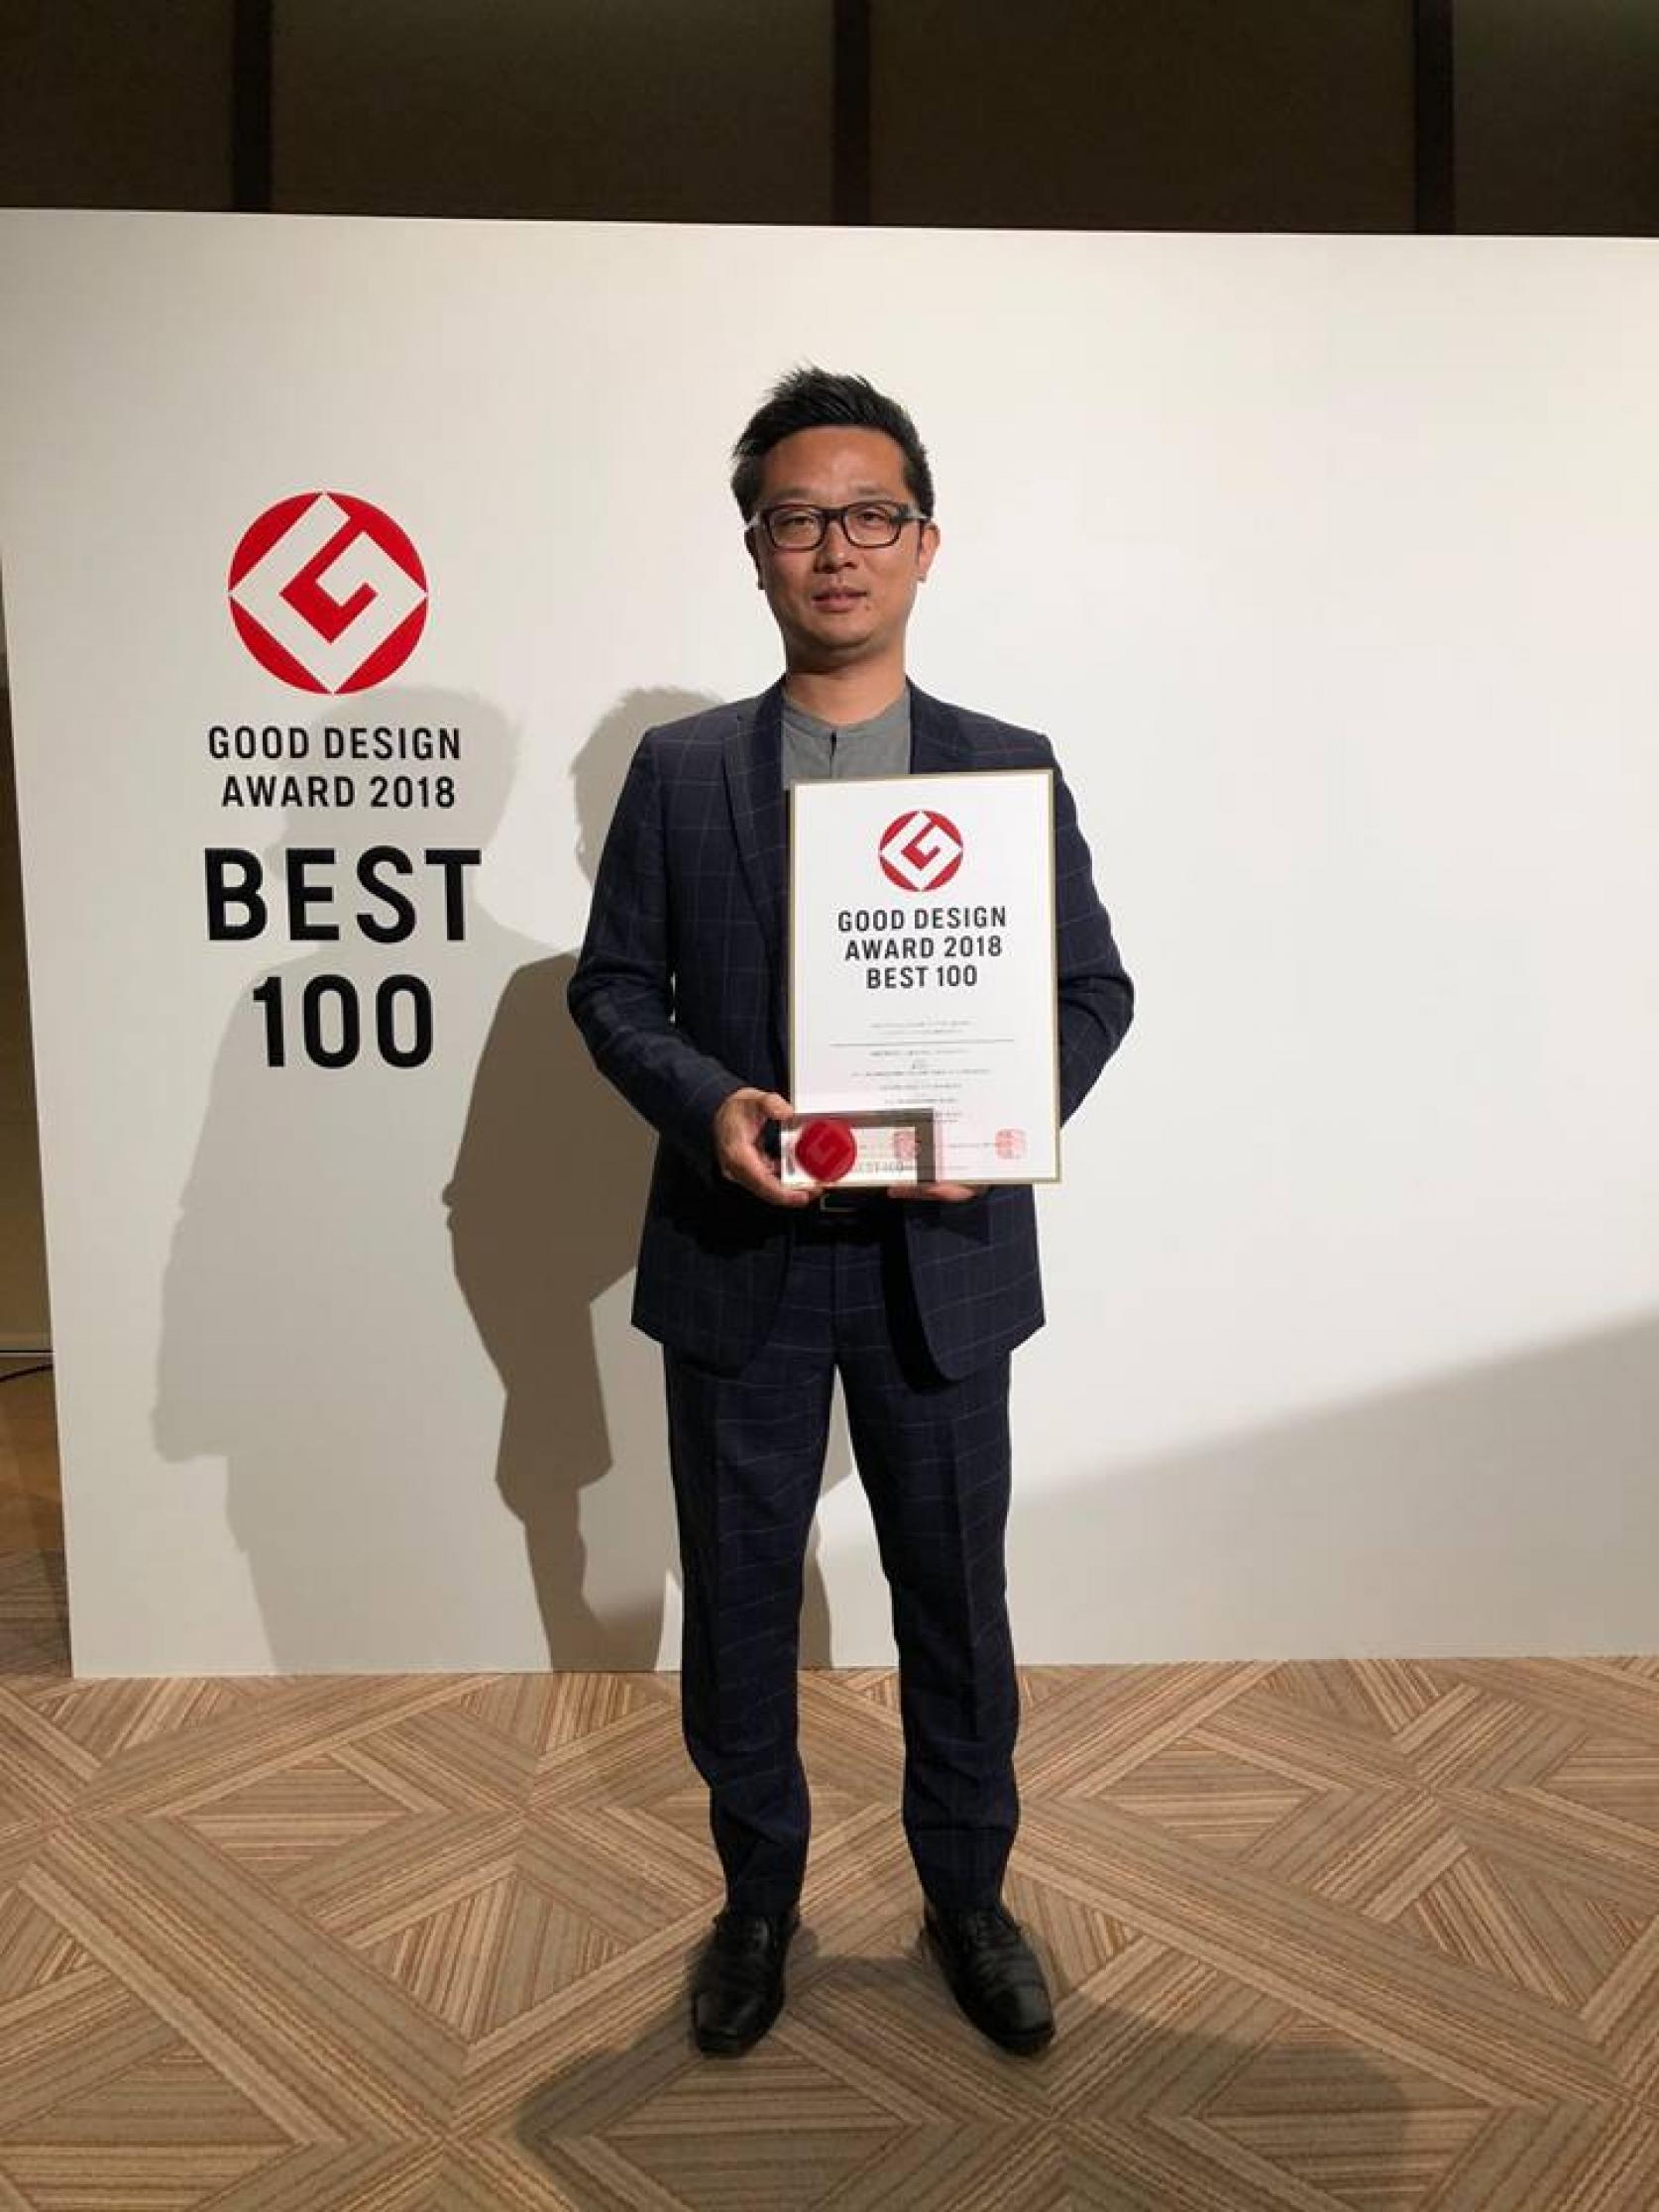 まちづくり工学科 落合正行助手が設計した「上池台の住宅 いけのうえのスタンド」が「2018年度グッドデザイン賞」および「グッドデザイン・ベスト100」を受賞しました。